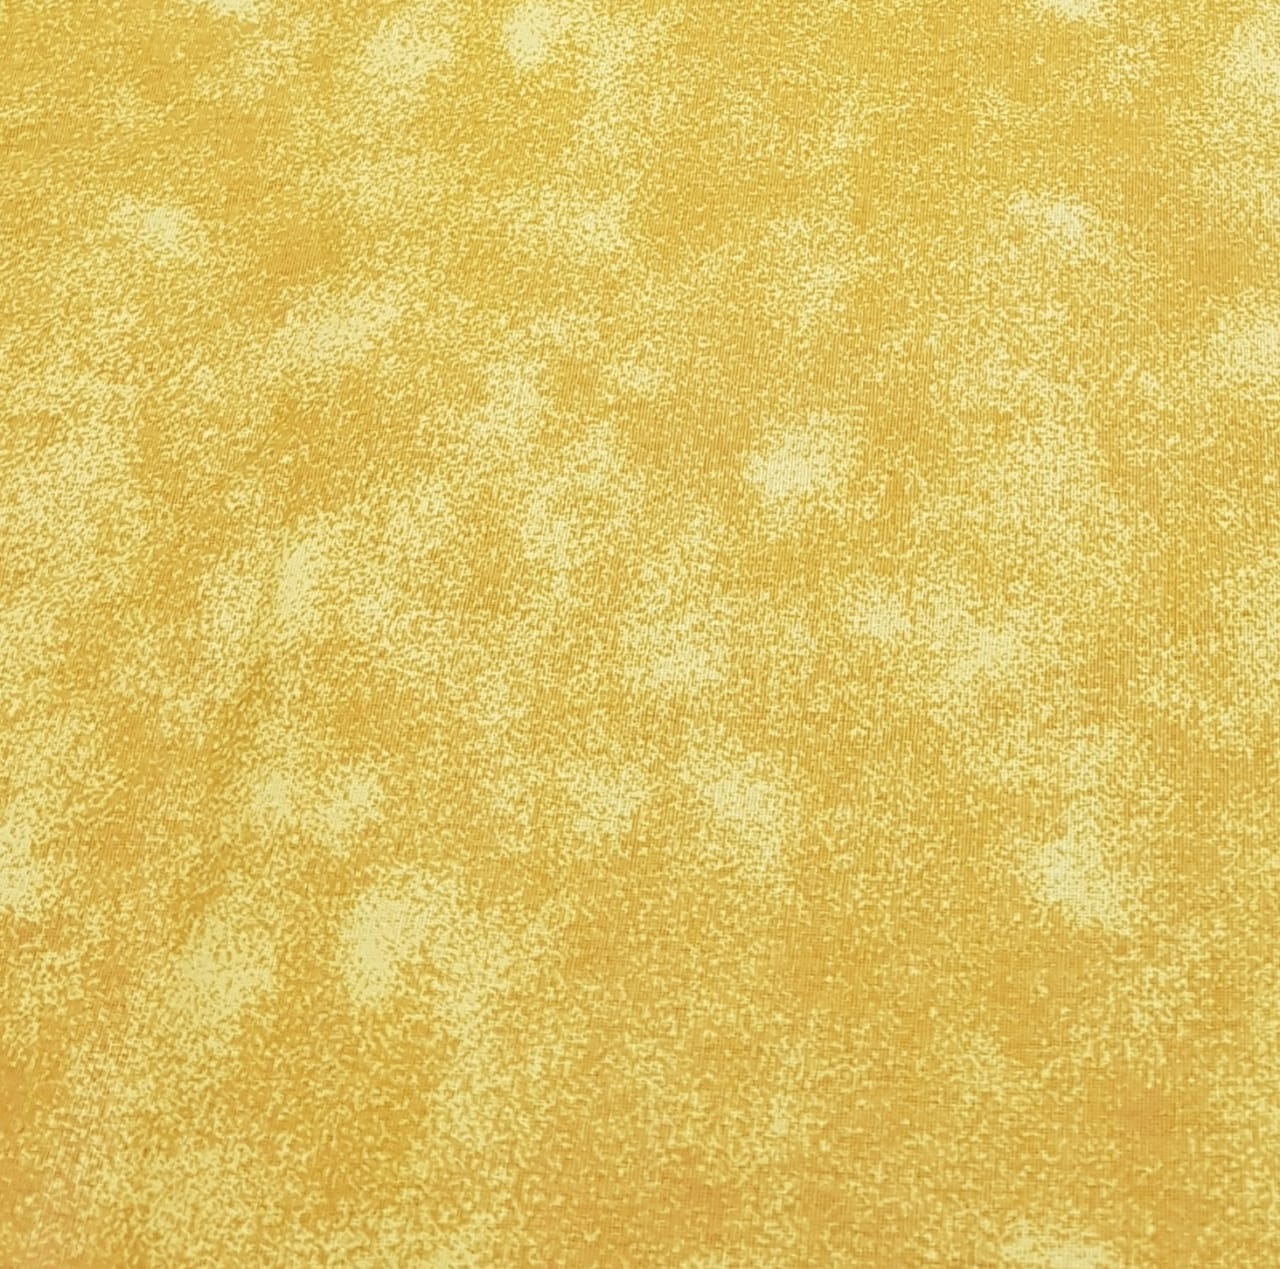 Poeirinha amarelo - 50x150cm